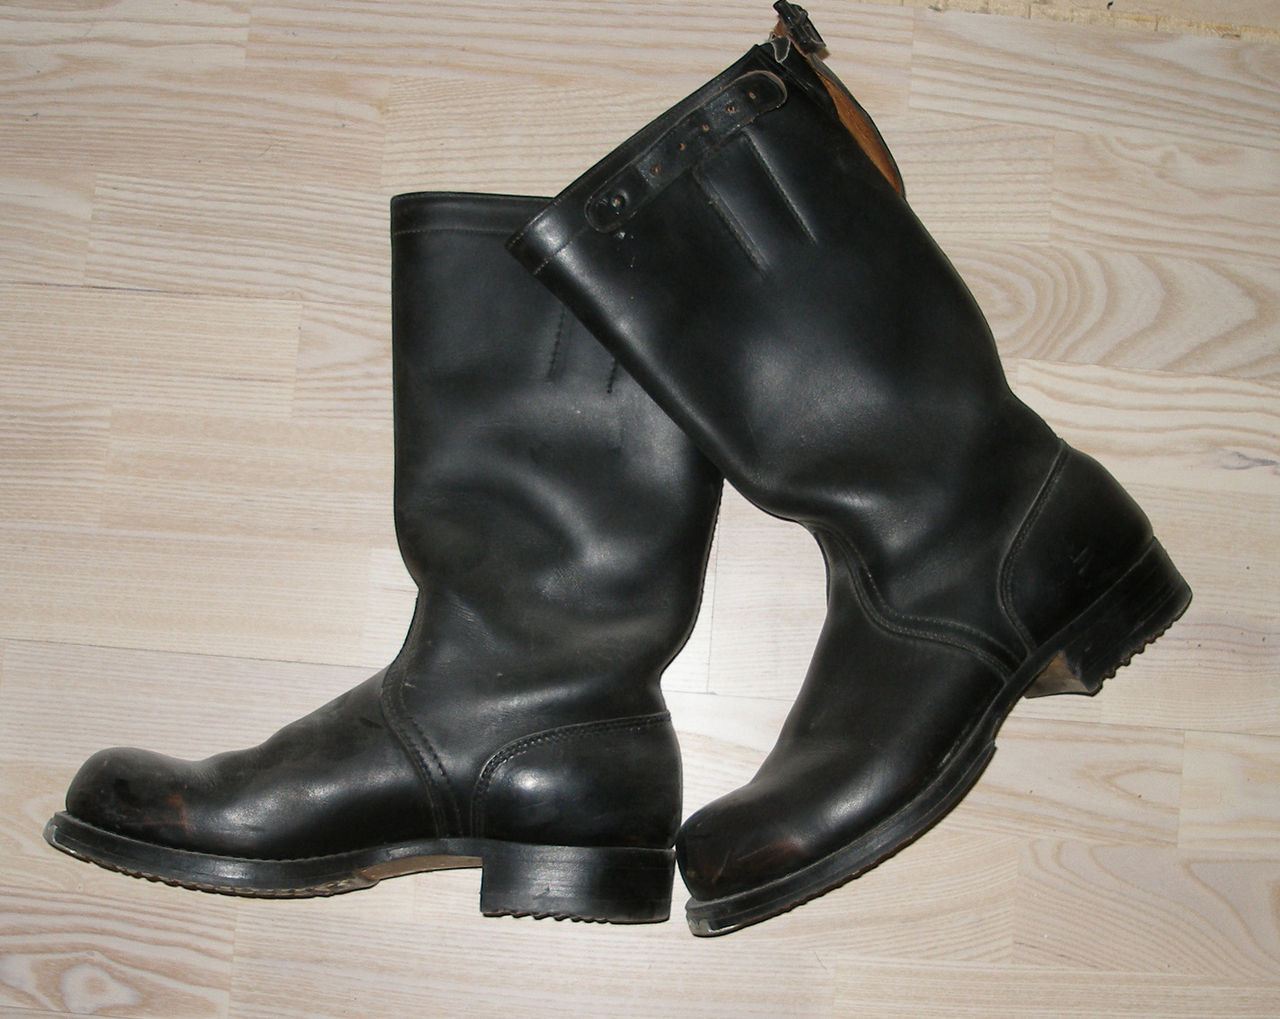 Эта обувь изготавливалась из прочной коровьей шкуры, которую окрашивали в  черный цвет. Изделия оснащались высоким голенищем и двойной подошвой, ... f7020ad6f83